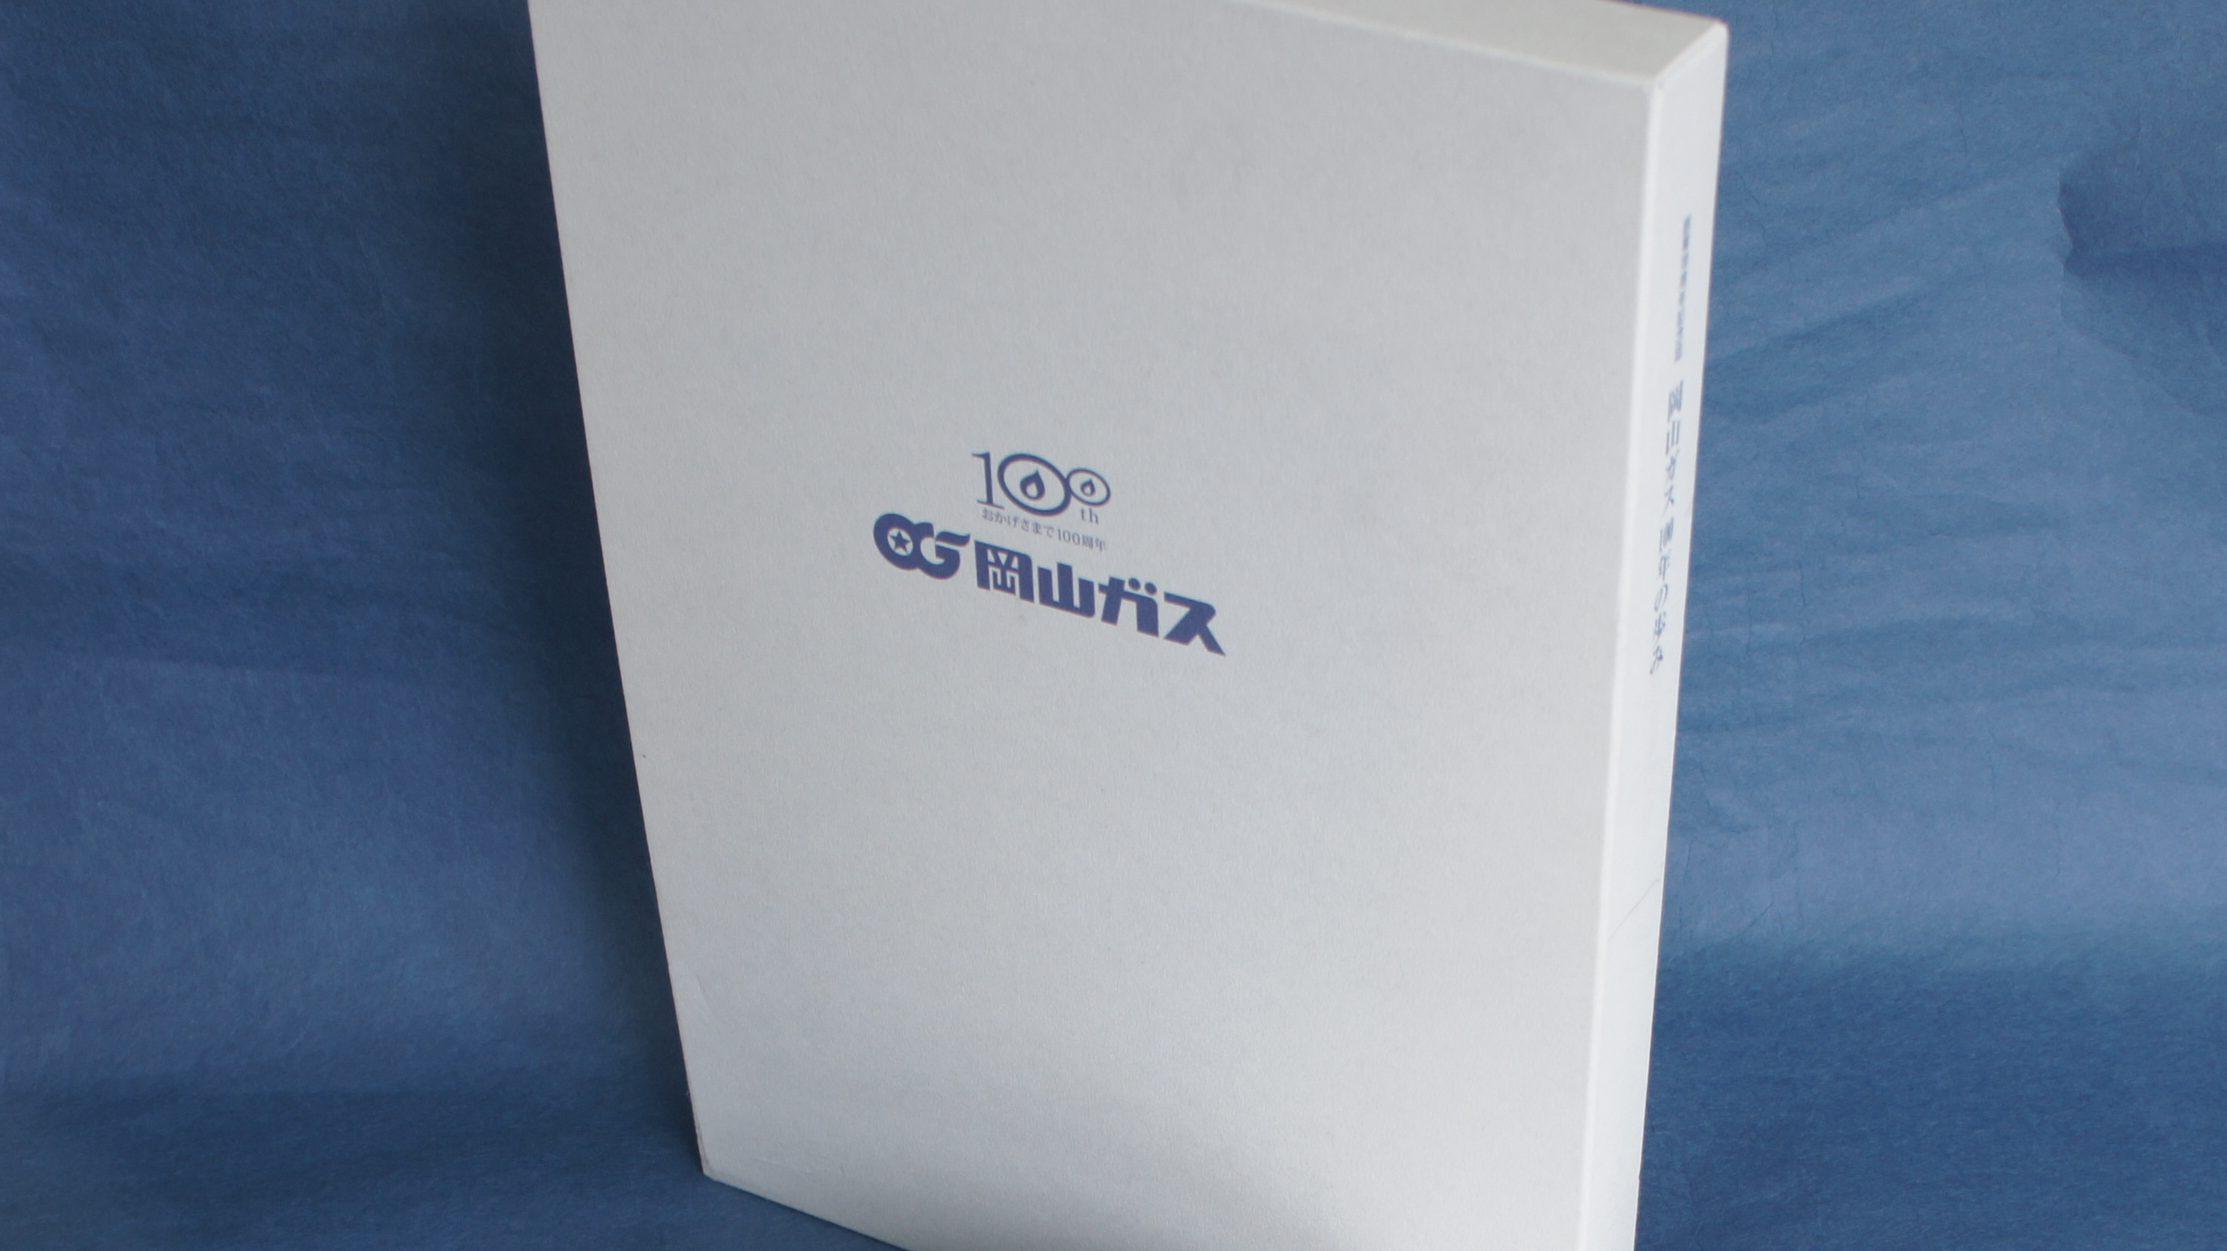 創業100周年記念誌『岡山ガス100年の歩み』